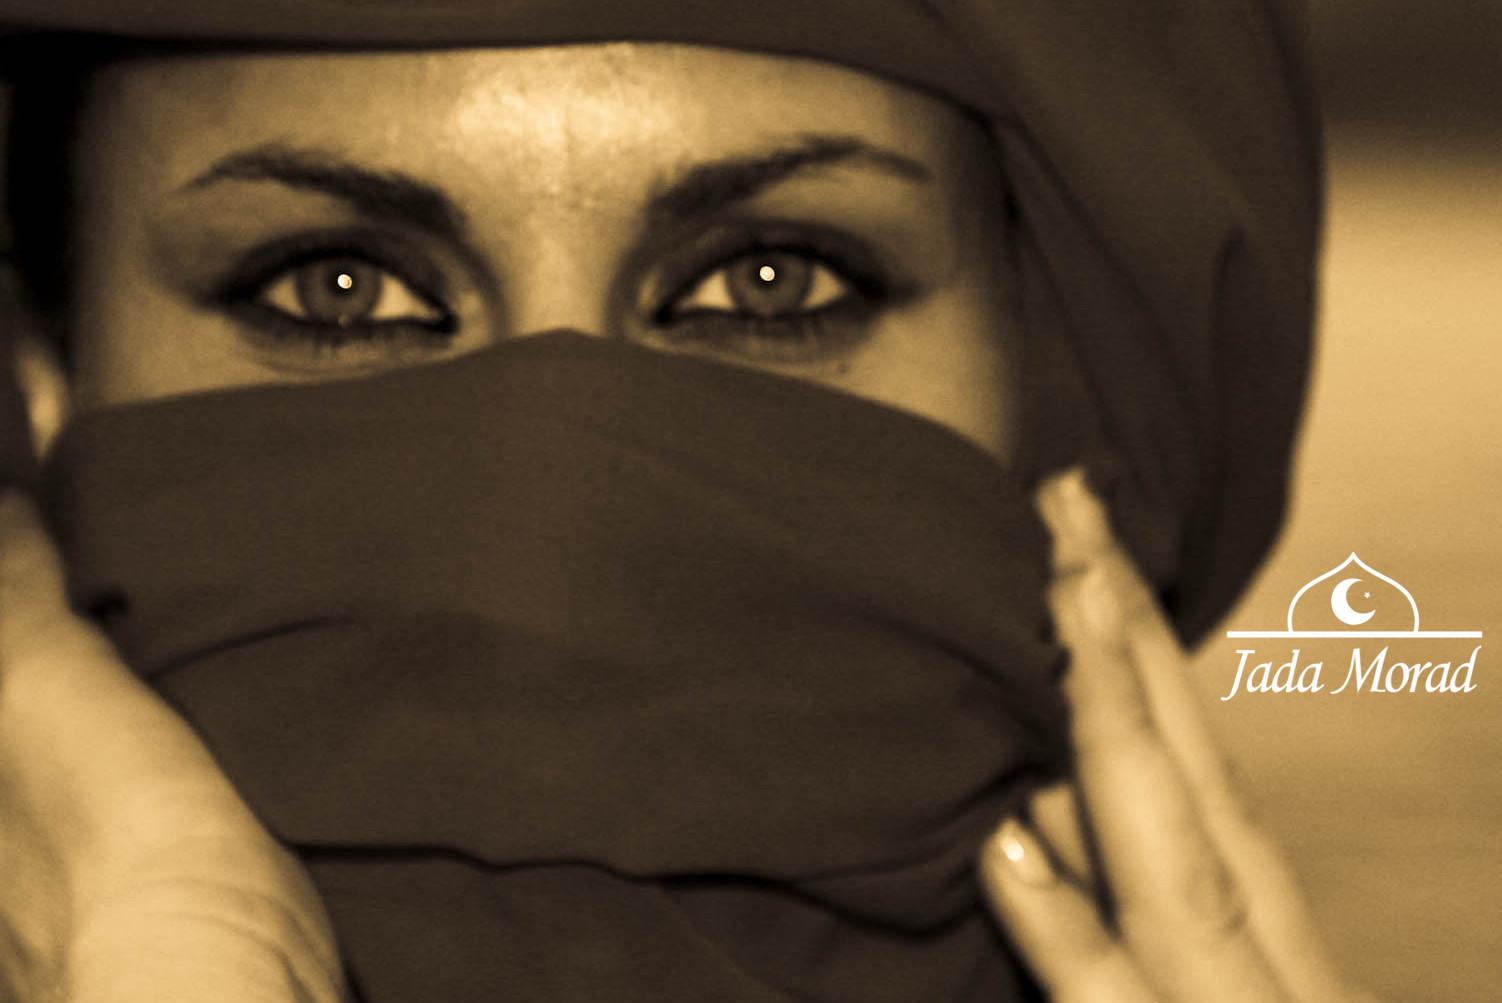 Jada Morad eyes.jpg